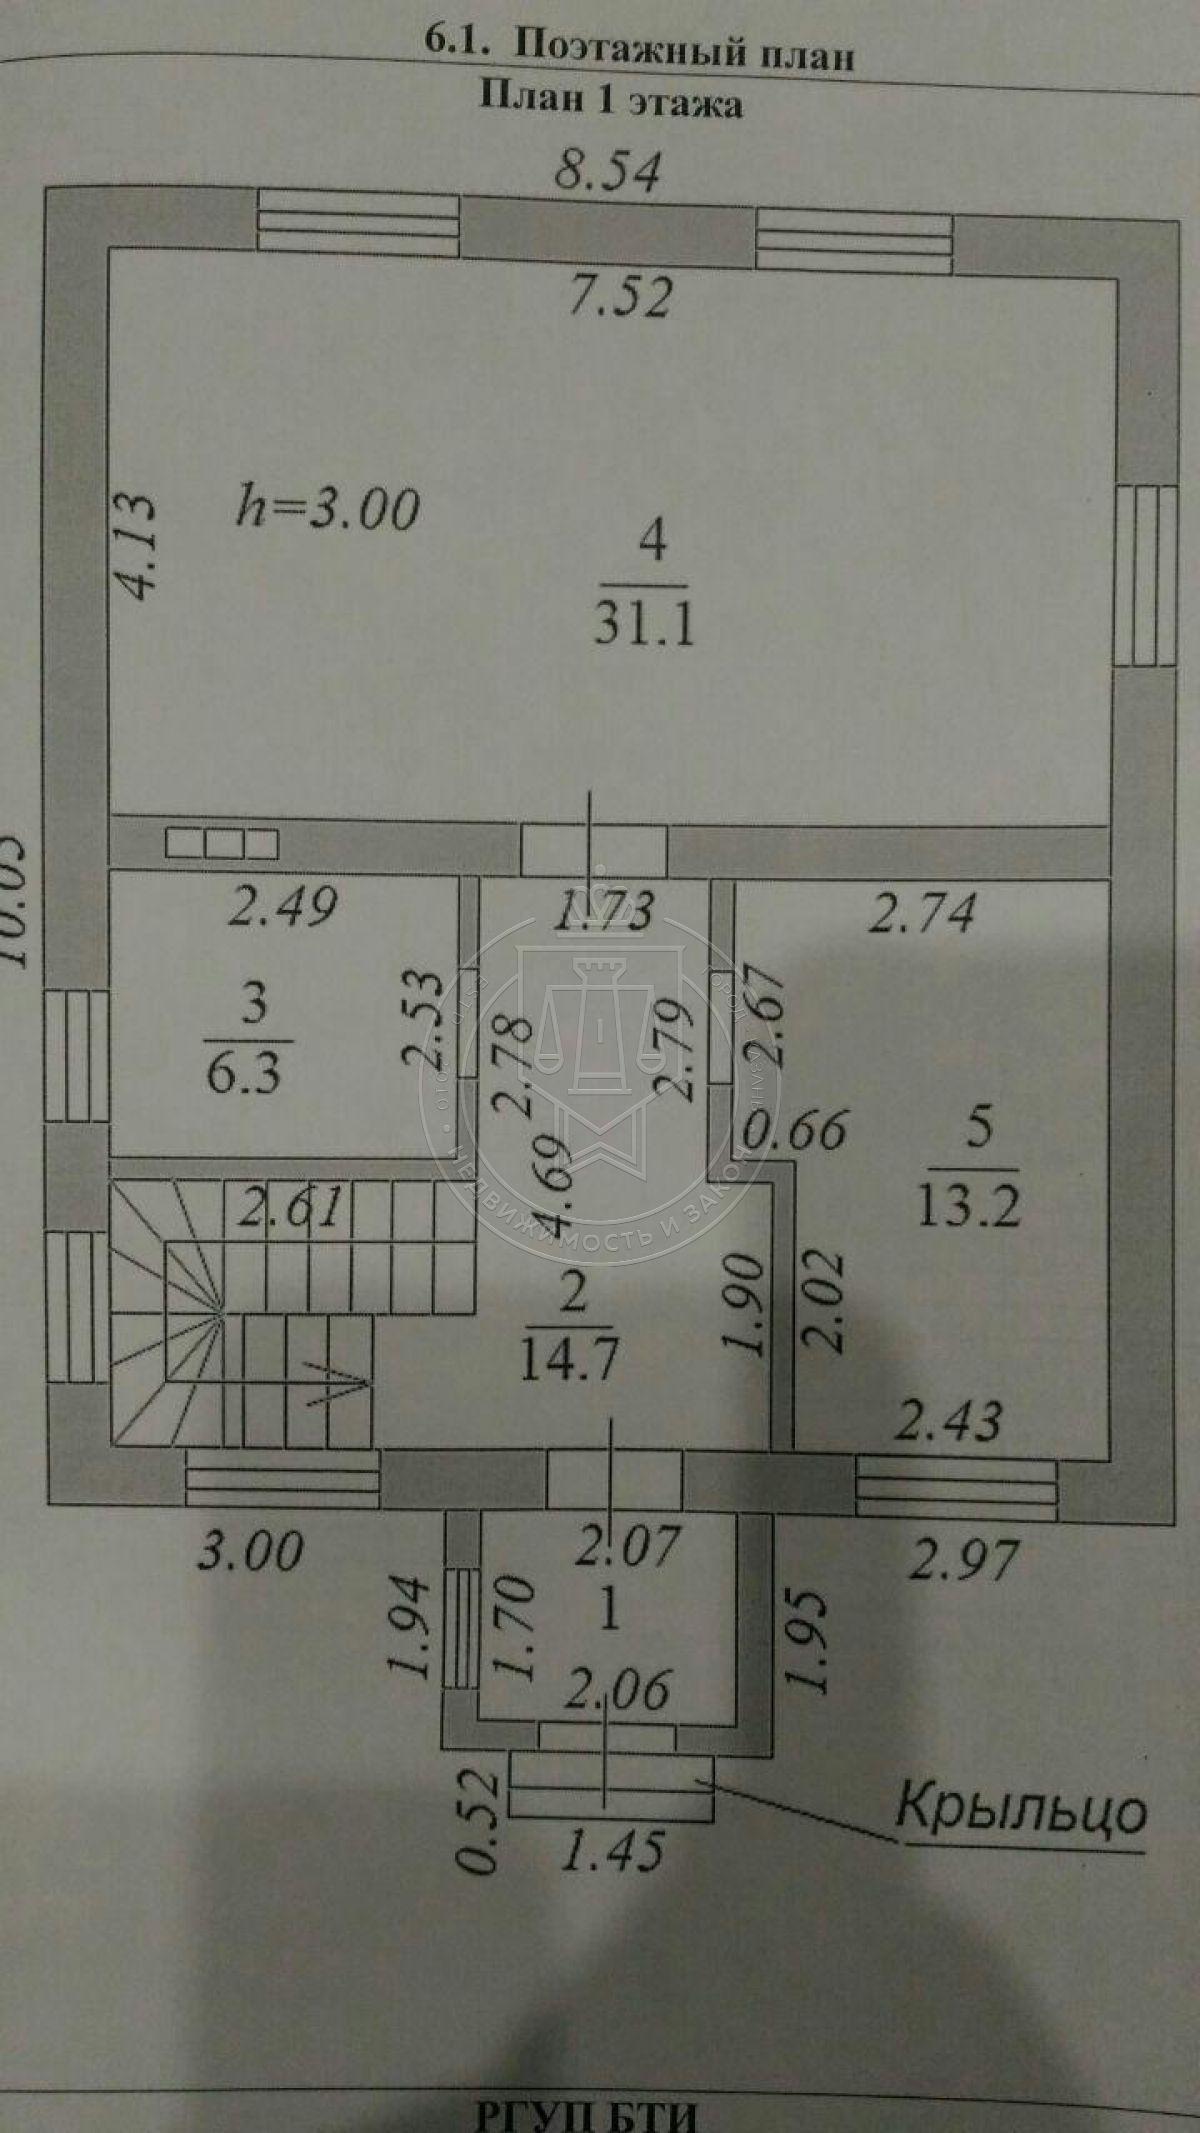 Продажа  дома улица Октябрьская, 135.0 м² (миниатюра №5)